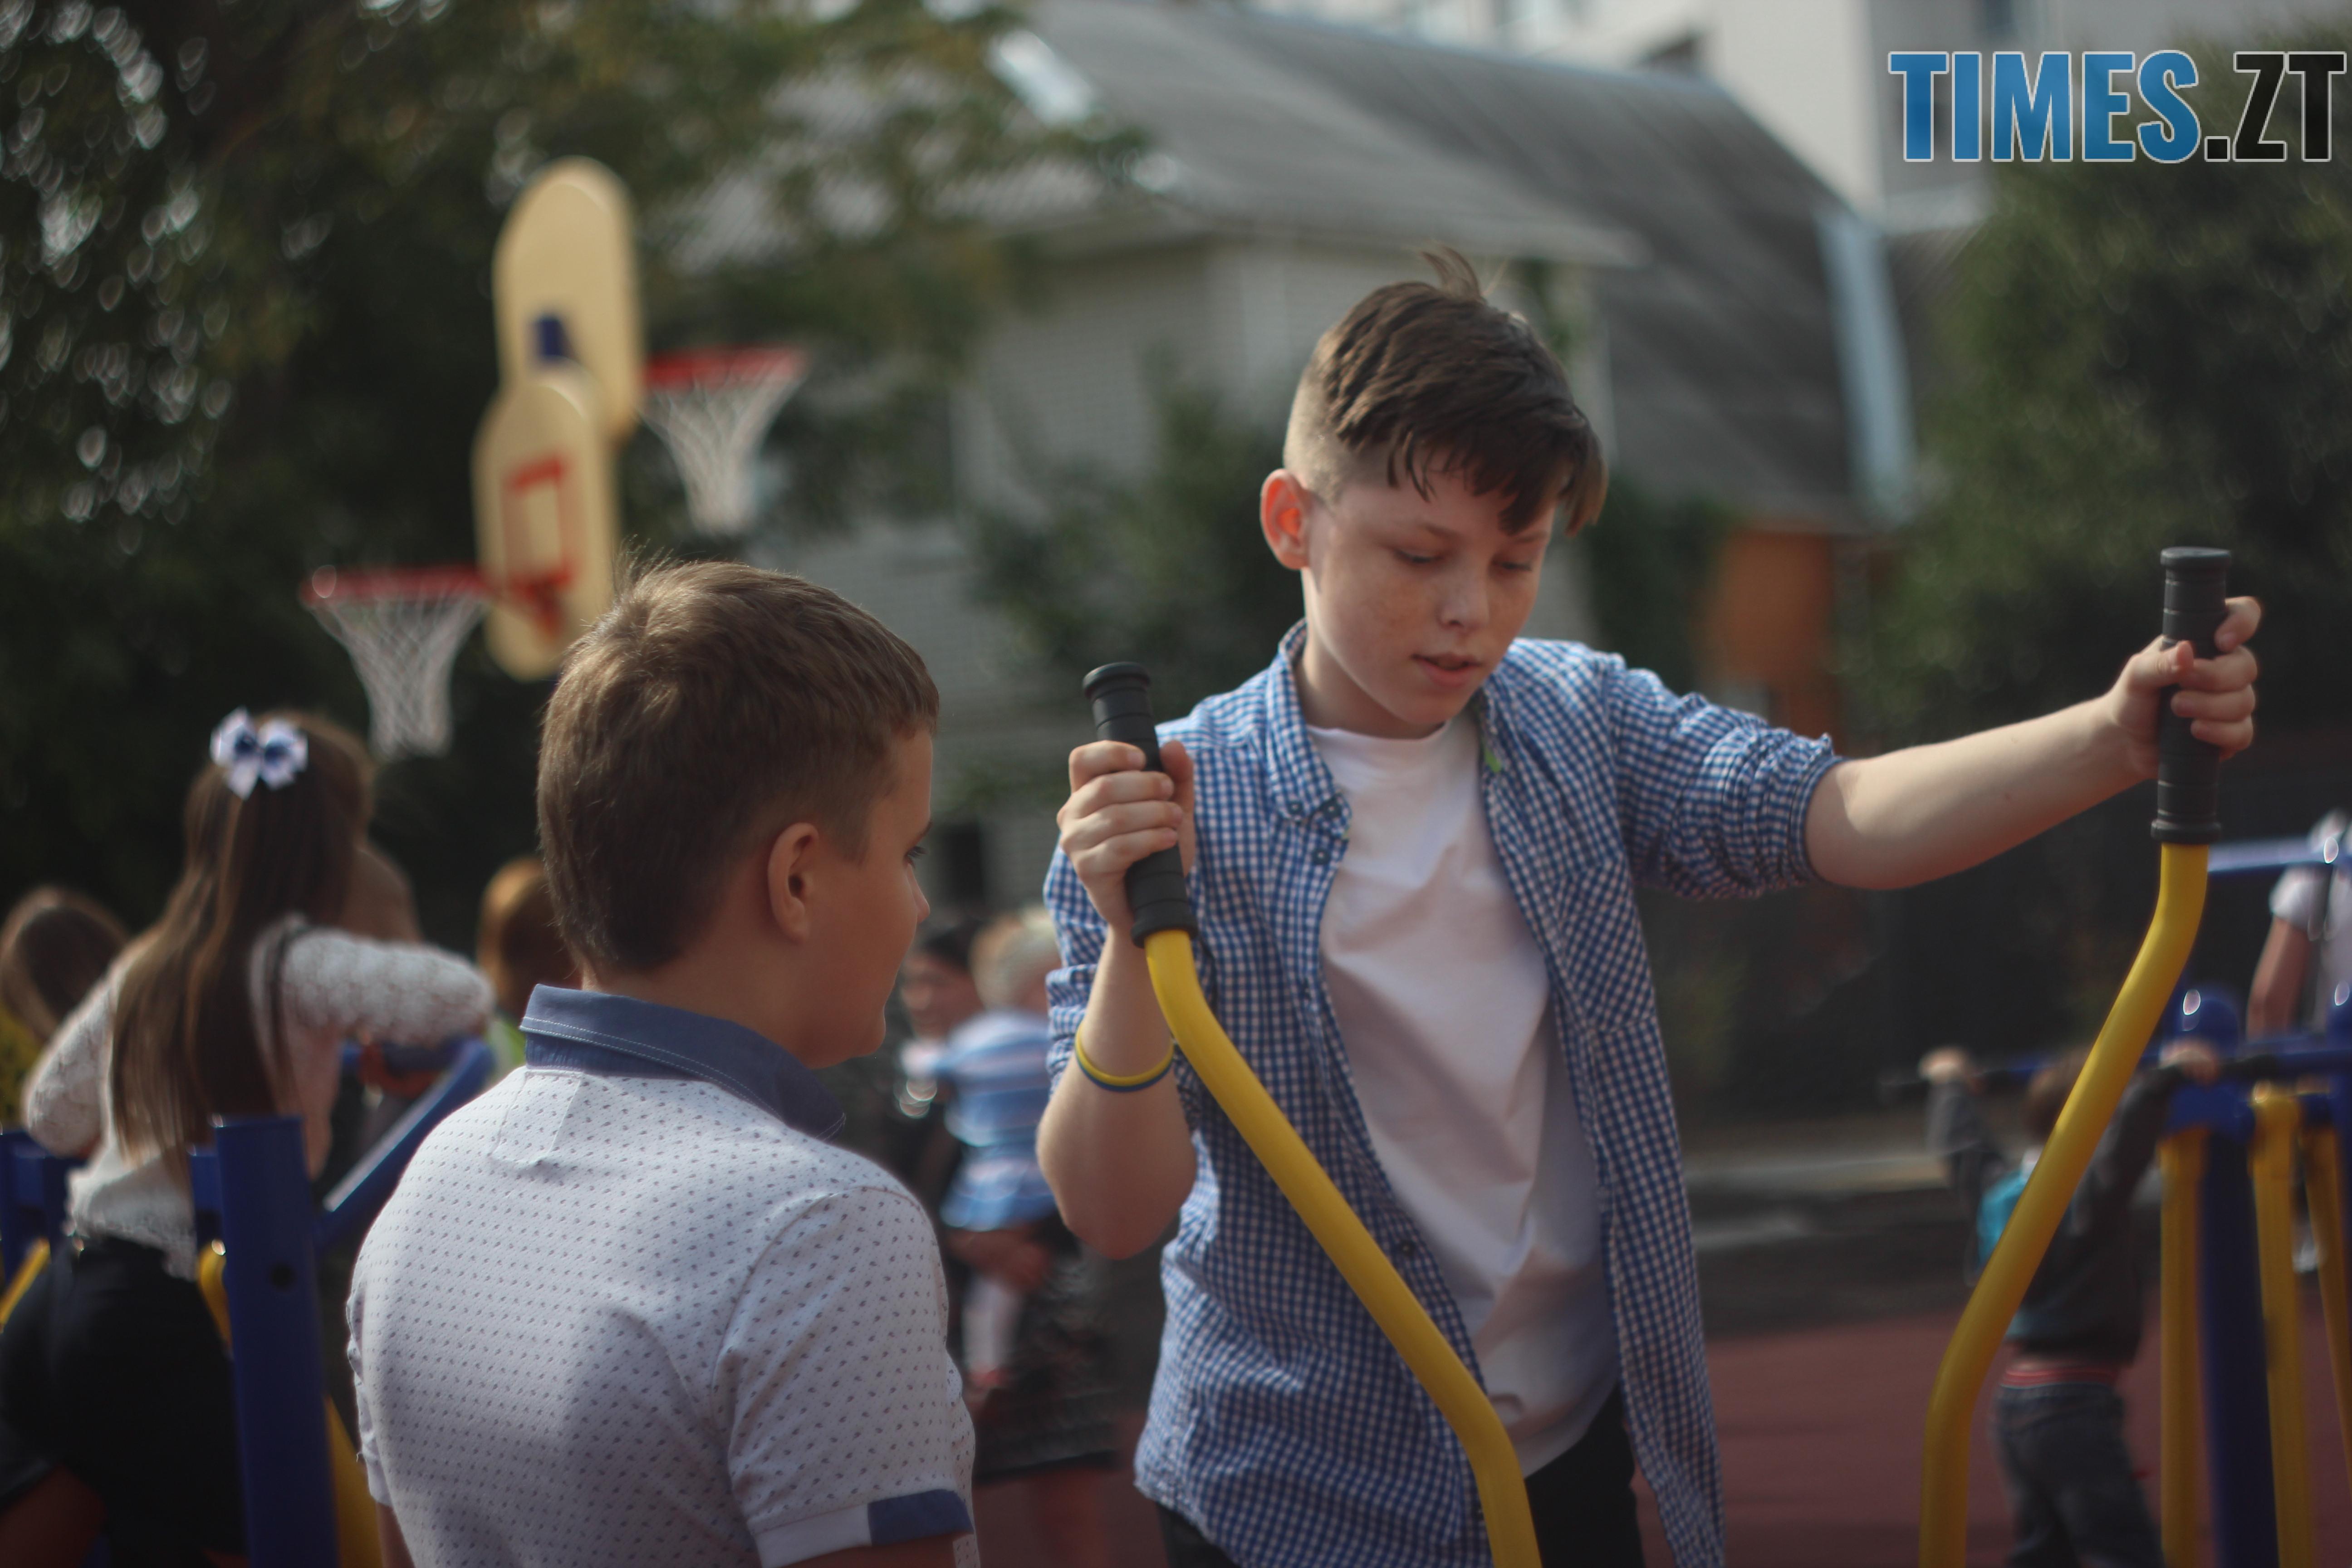 IMG 8890 - Майже 4 тисячі житомирських першокласників навчатимуться за системою Нової української школи (ФОТОРЕПОРТАЖ)